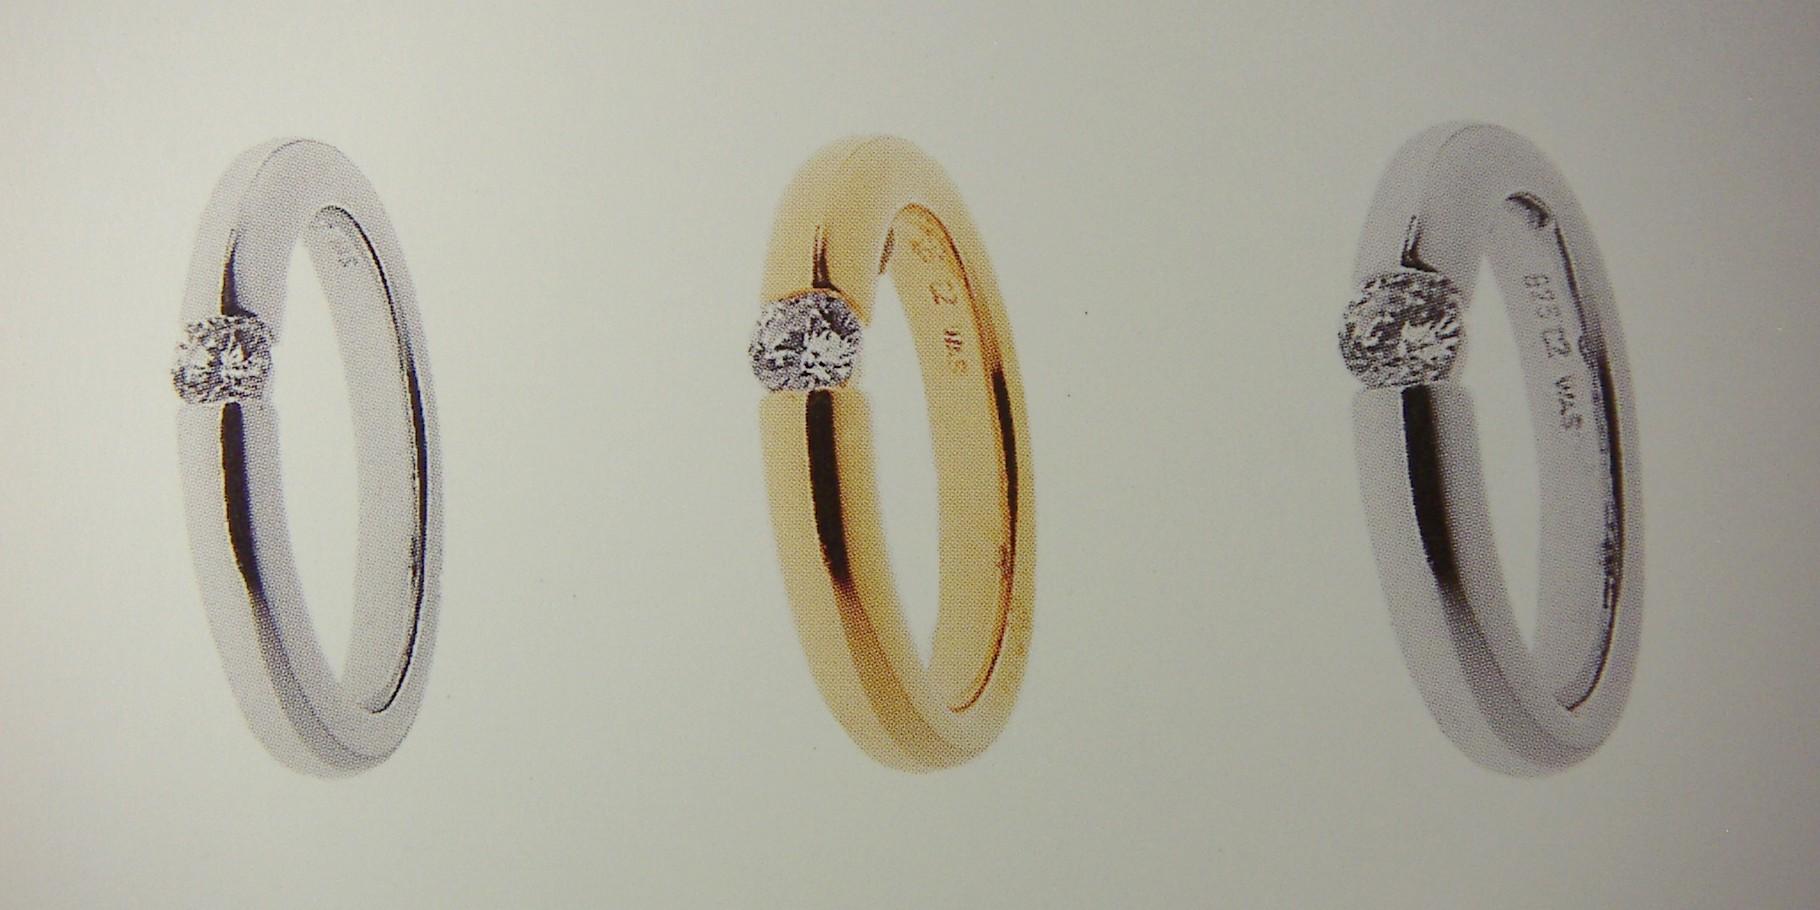 Ring, Gelb- und Weissgold 750, mit Spann-Fassung